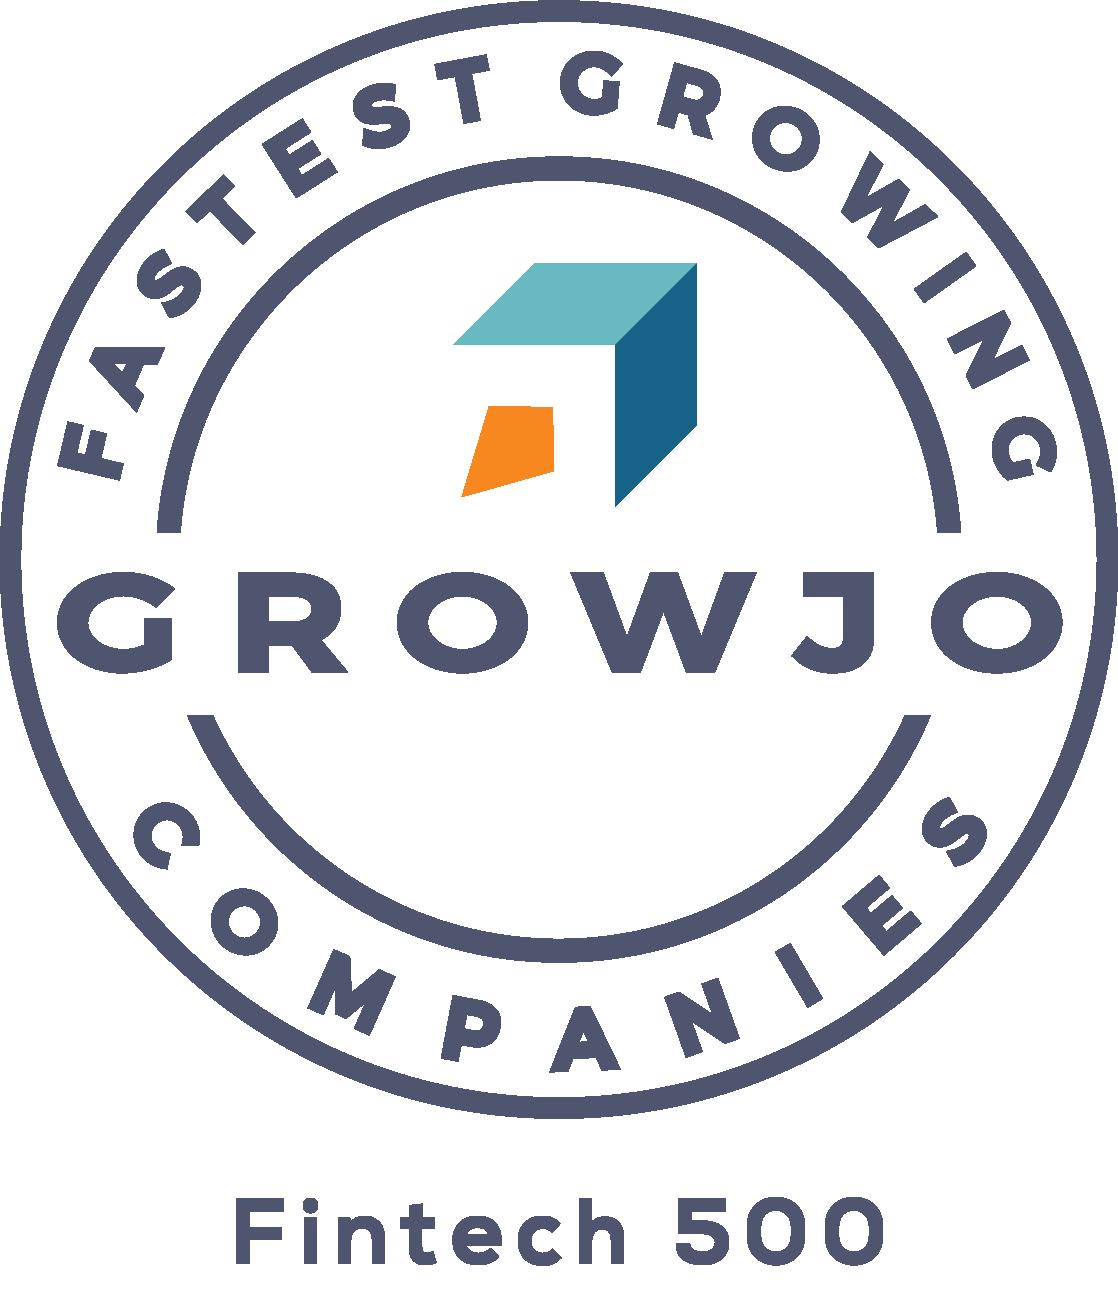 Fastest Growing Fintech Companies - 2019: